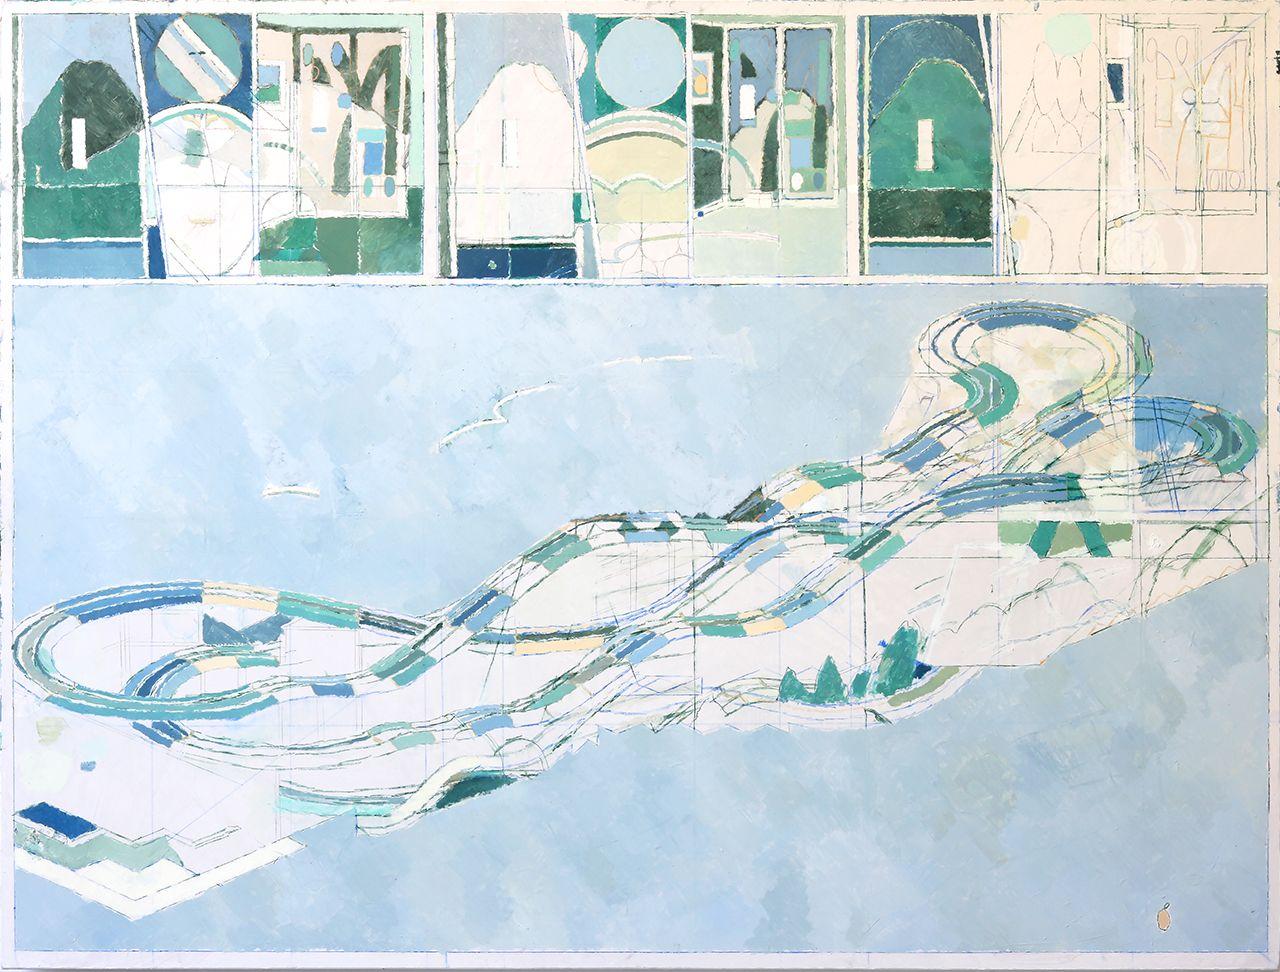 Pierre Bellot, Composition, huile sur toile, 150×200, 2020